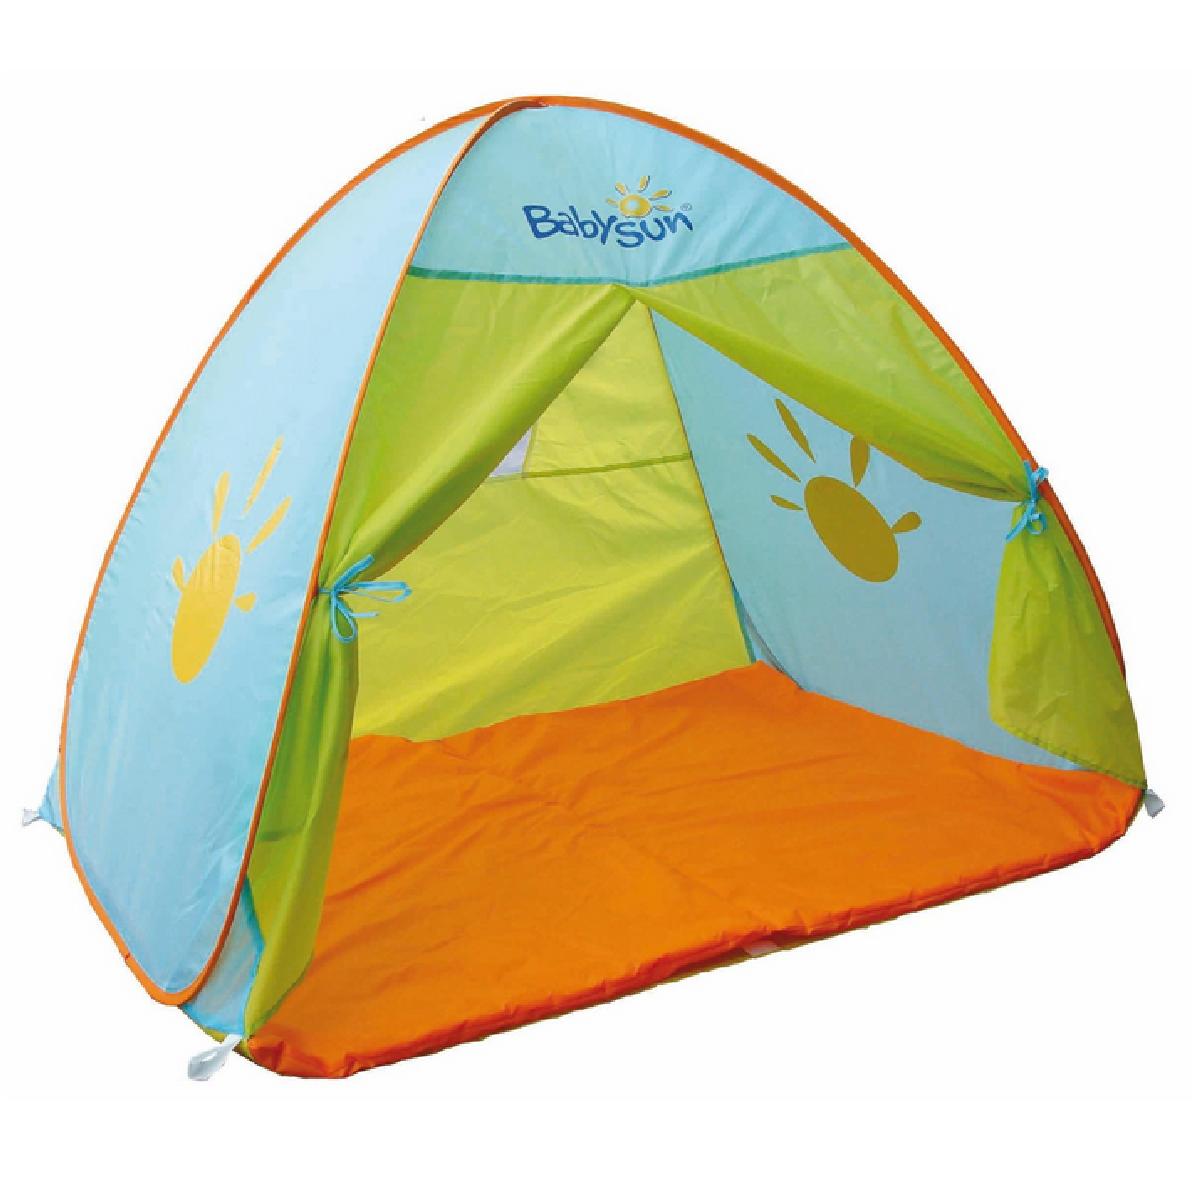 Cadeaux 2 ouf id es de cadeaux insolites et originaux une tente de plage anti uv pour b b - Decathlon tente plage ...